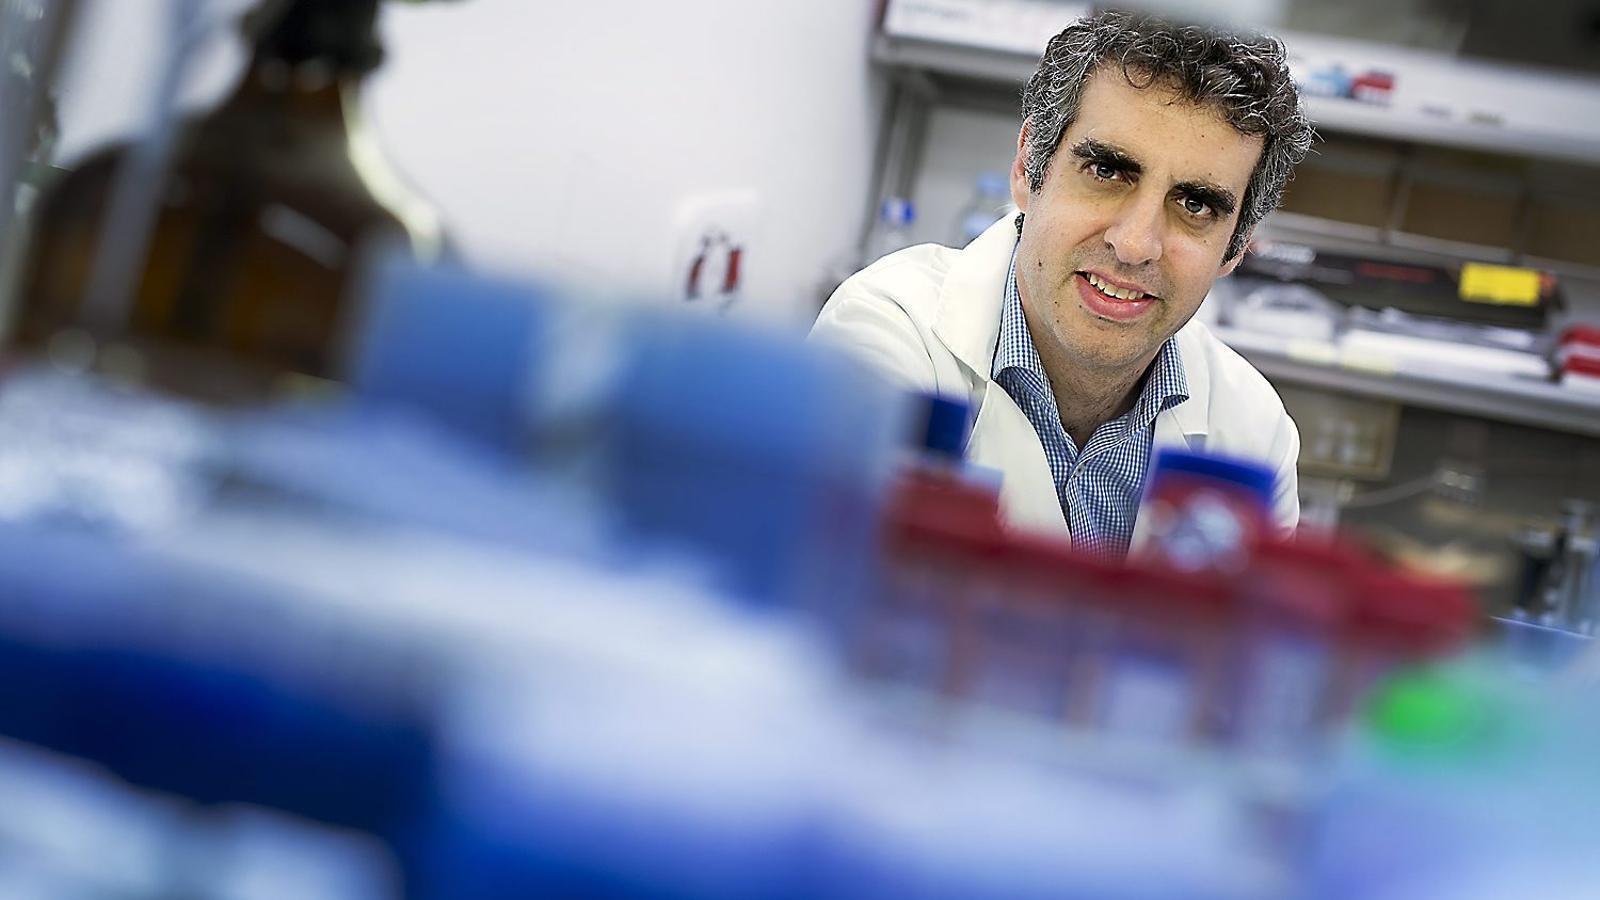 El doctor Manel Esteller és el responsable de la investigació i qui signa l'estudi que avui es publica a The Lancet Oncology.